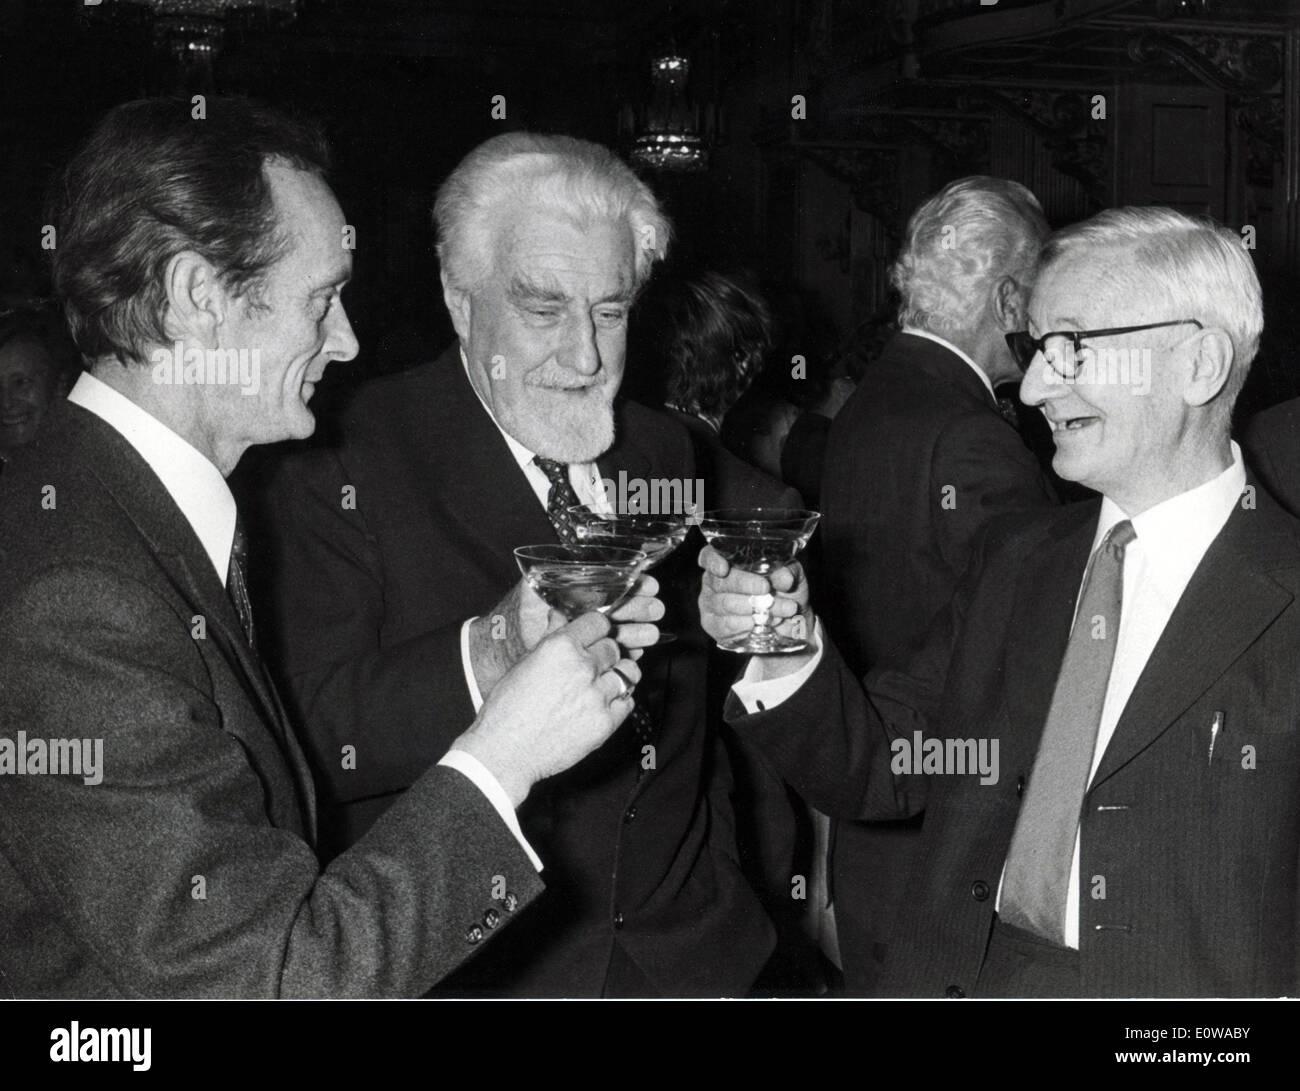 Nov. 5, 1973 - Zurich, Switzerland - Nobel Prize winner KONRAD LORENZ toasts OTTO VON FRIESCH and NIKOLAS TINBERGEN after winning. - Stock Image